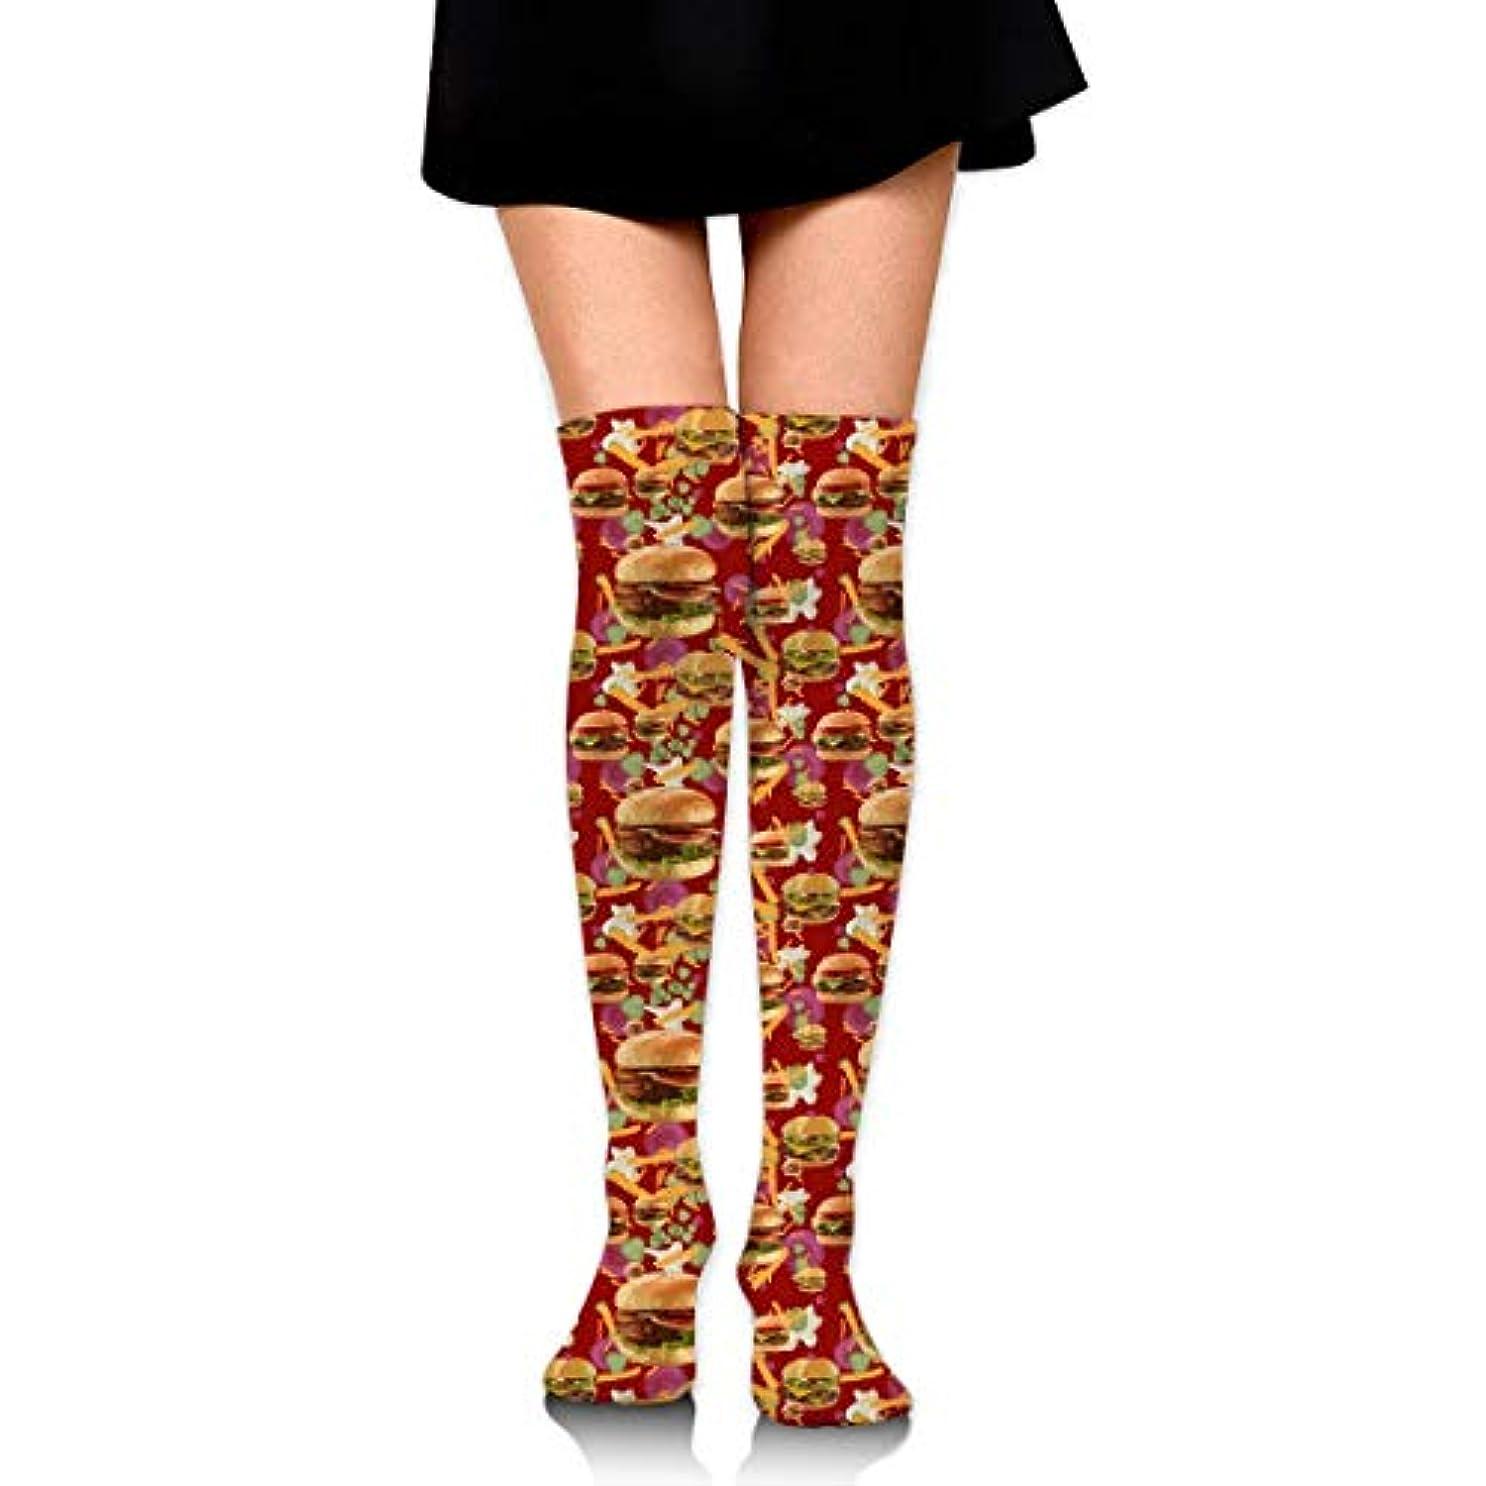 議題節約する脅かすMKLOS 通気性 圧縮ソックス Breathable Thigh High Socks Over Exotic Psychedelic Print Compression High Tube Thigh Boot Stockings...